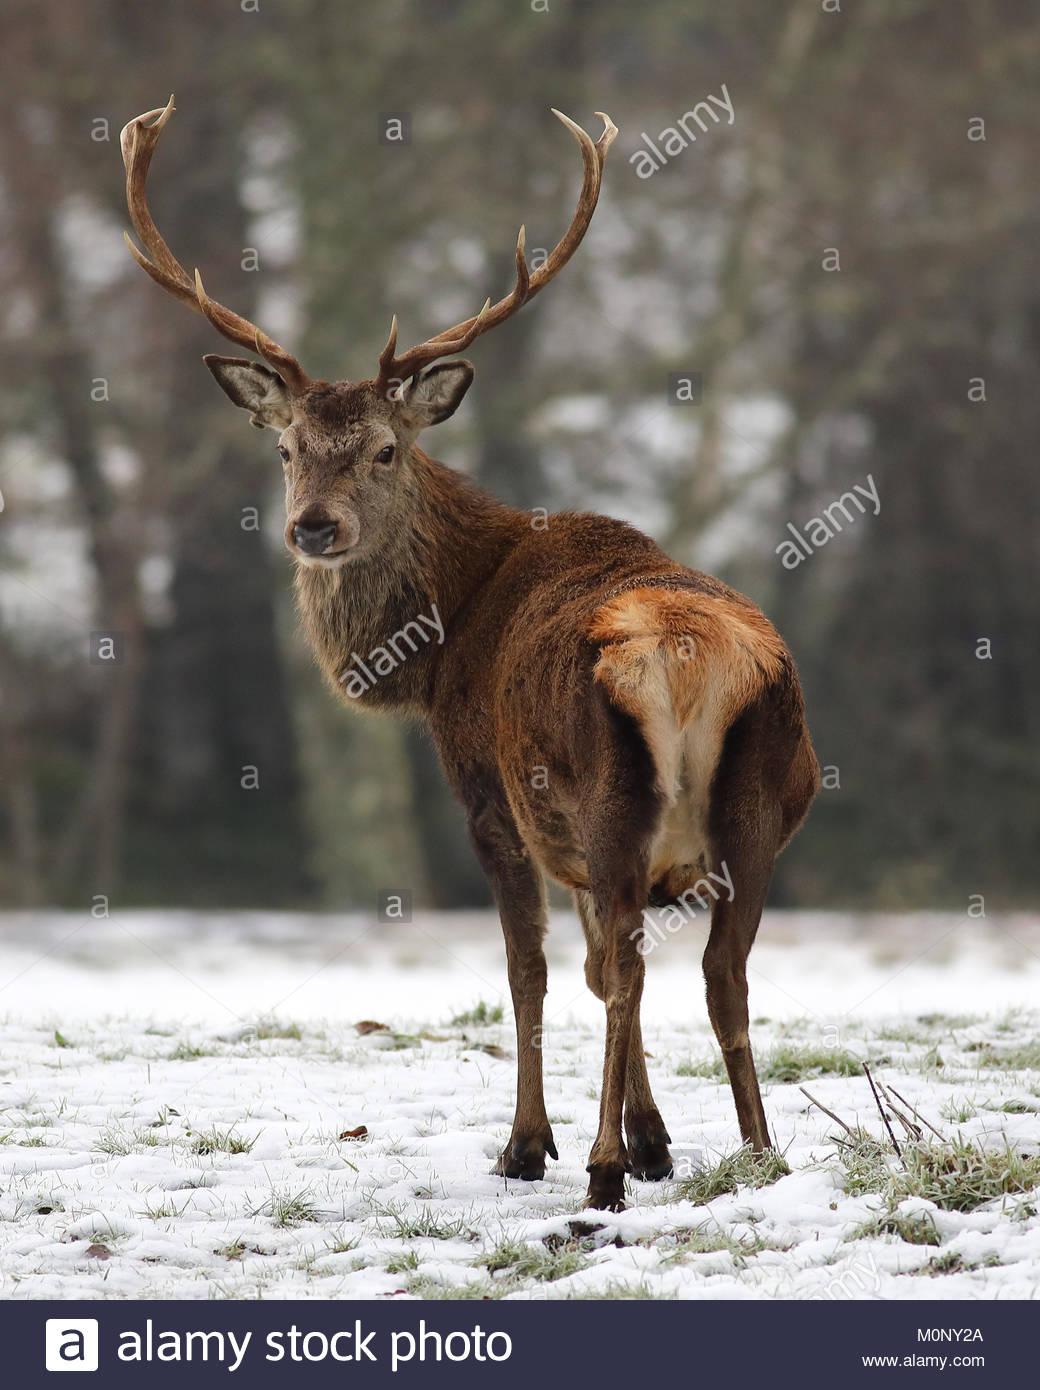 Un Ciervo ciervo en un campo cubierto de nieve en las Highlands escocesas. Foto de stock